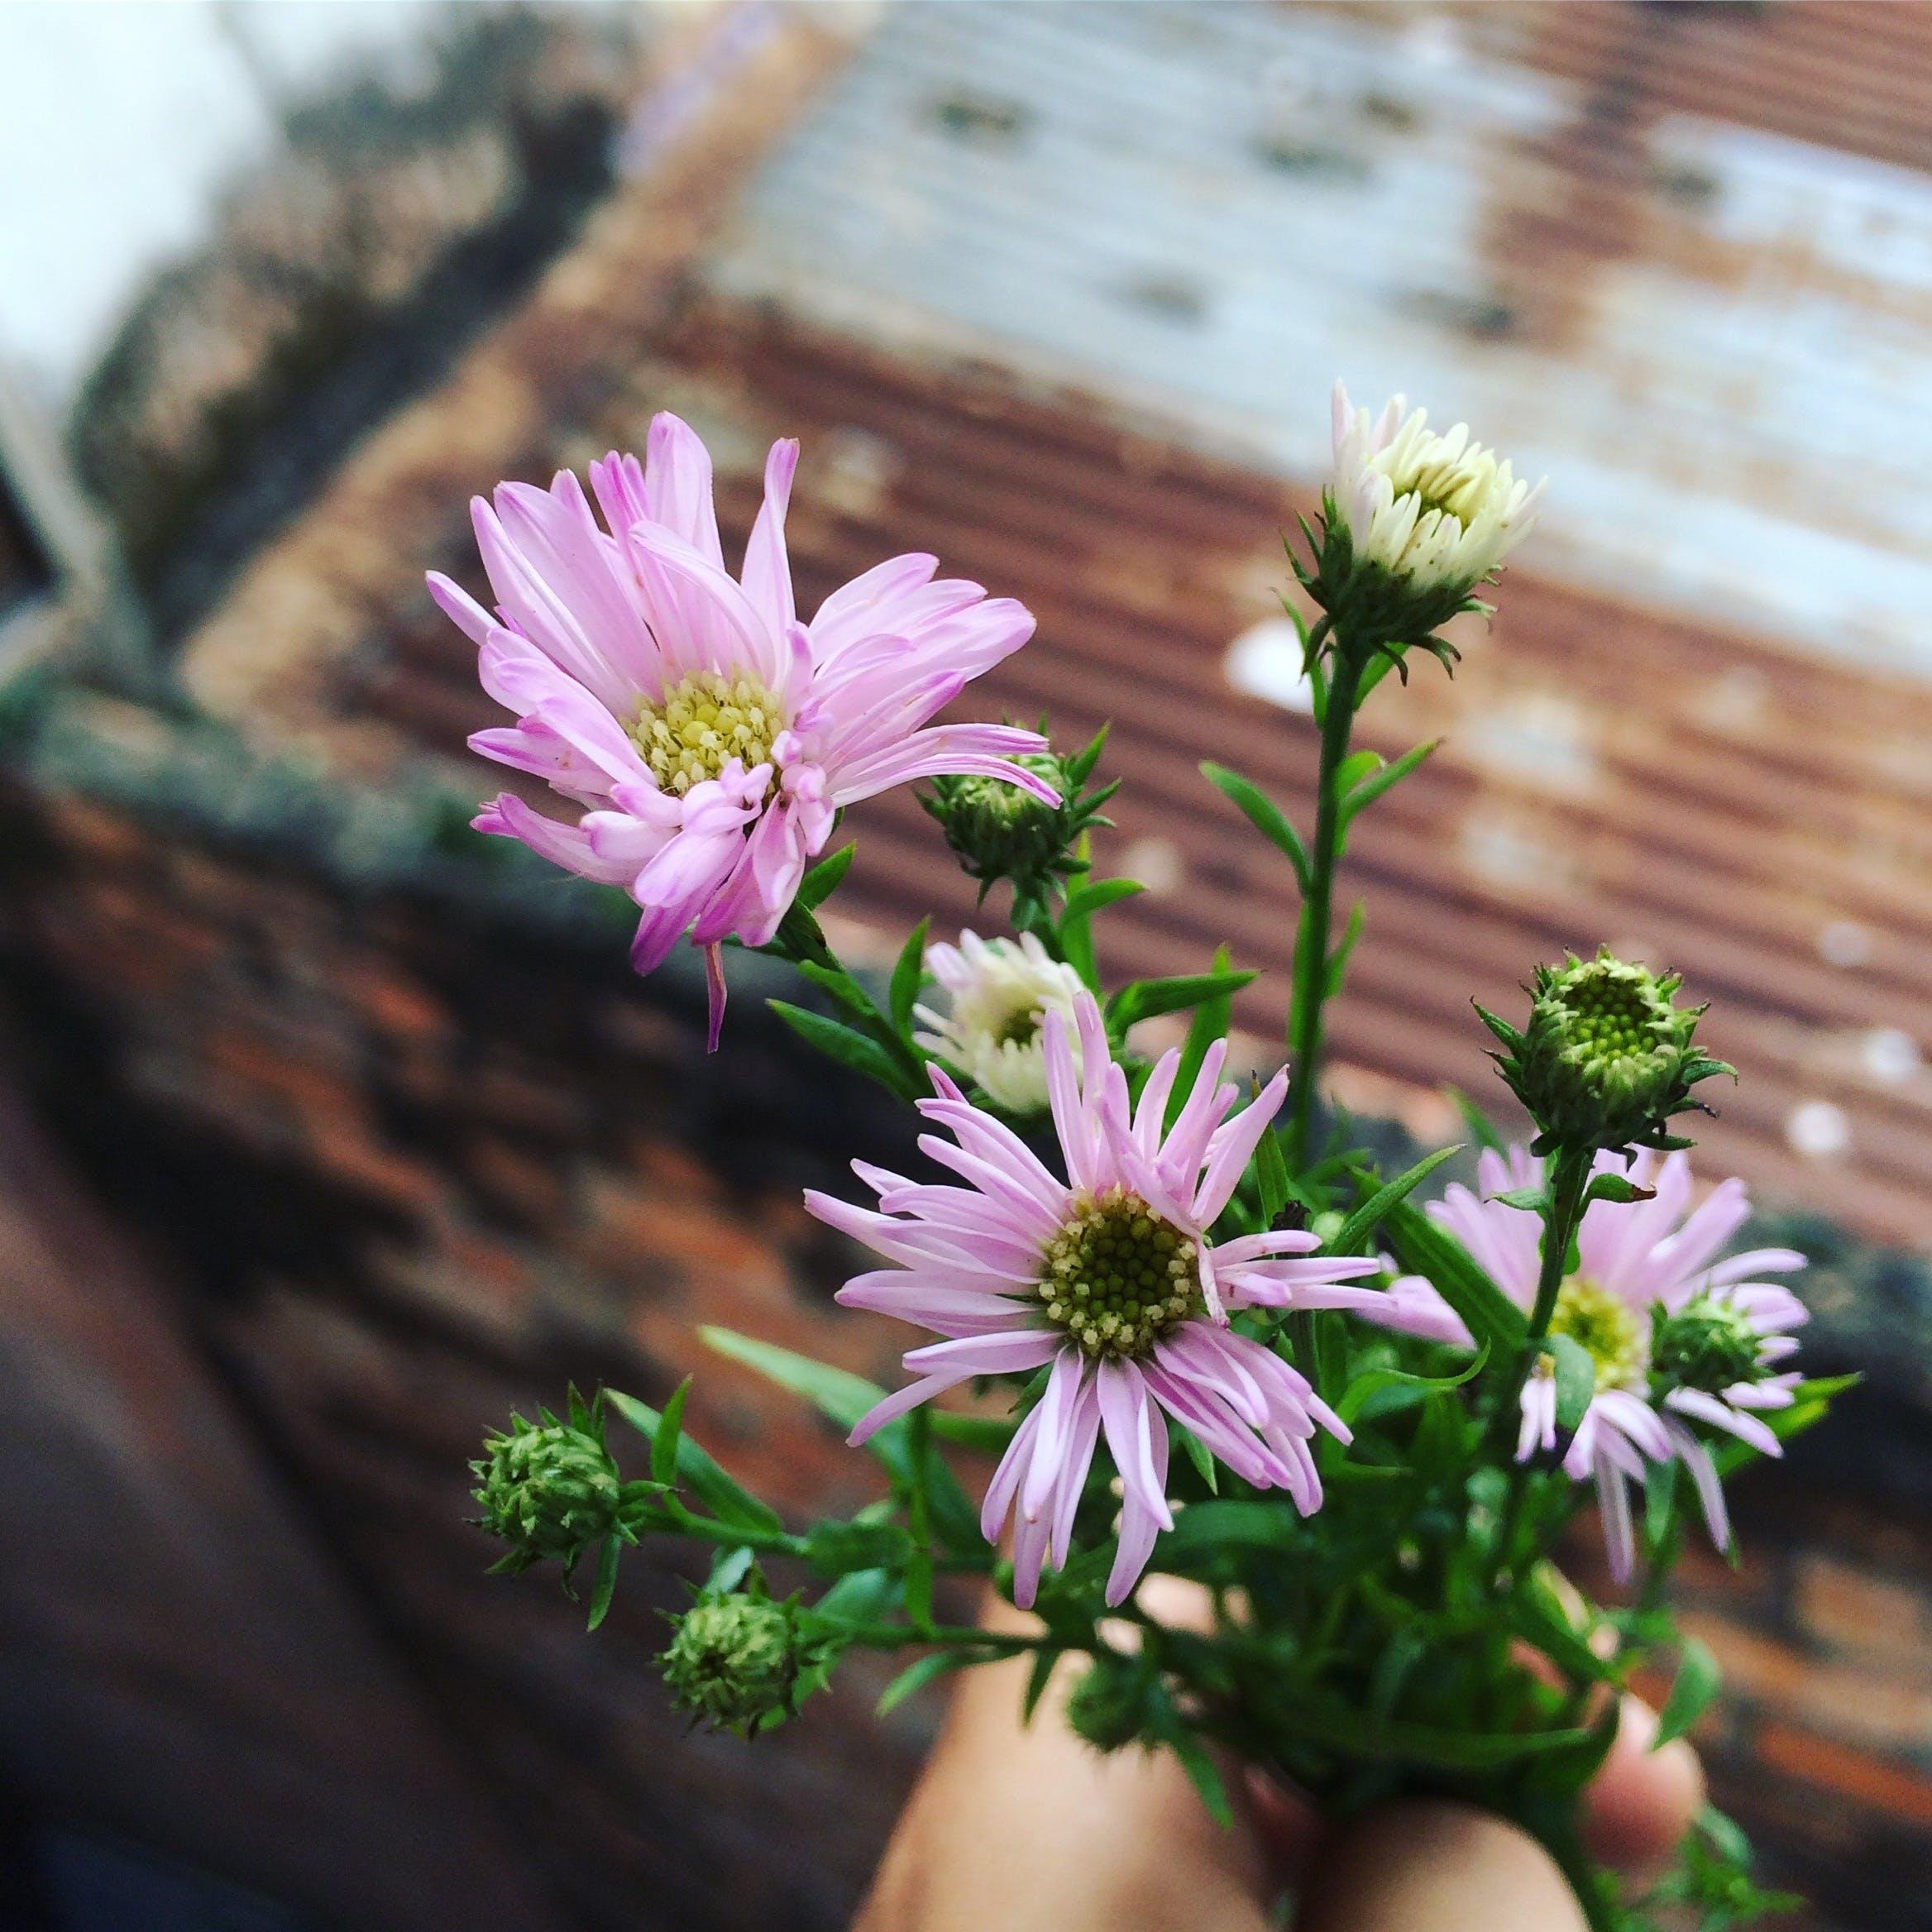 Δωρεάν στοκ φωτογραφιών με μαργαρίτα, μοβ, μοβ μαργαρίτες, πράσινος